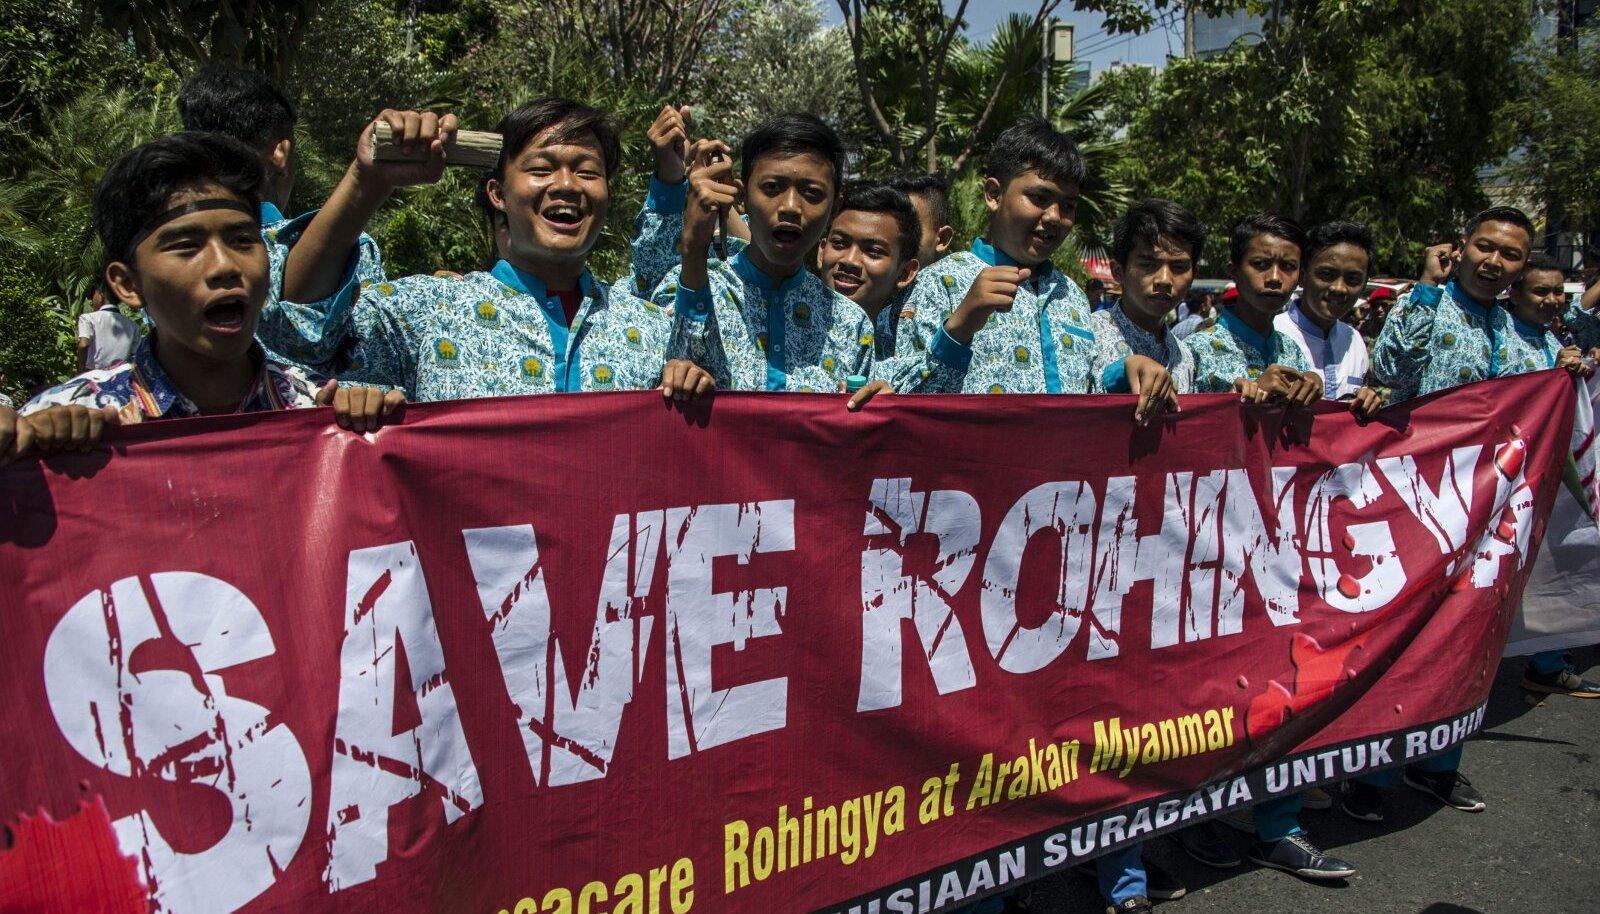 On selge, et Indoneesias elatakse usuvendadele tugevalt kaasa.